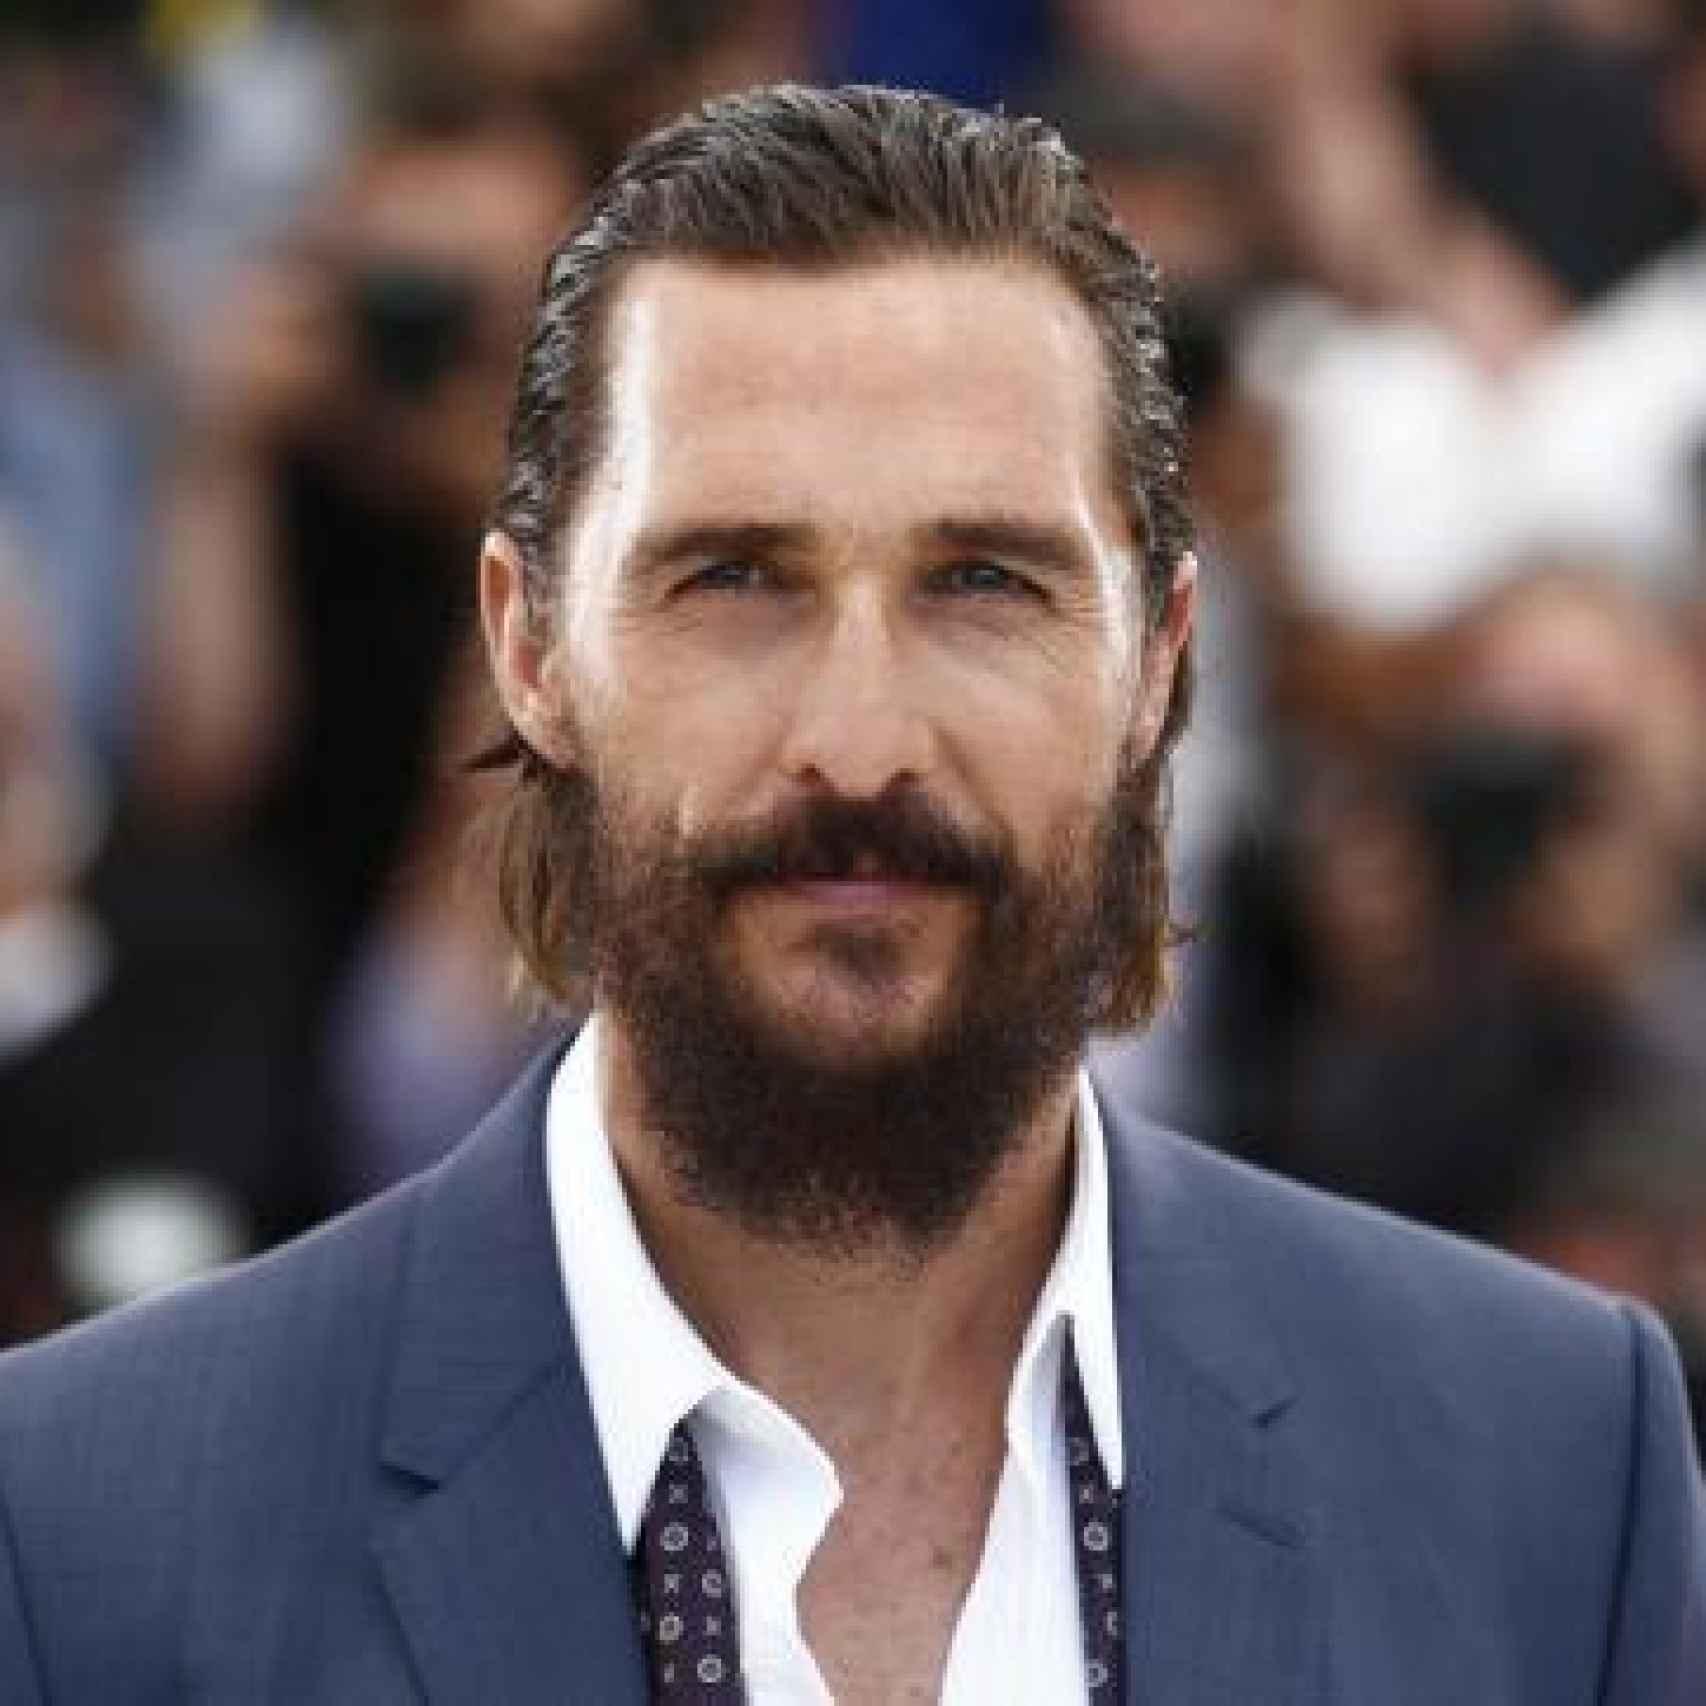 El actor persiguió un fantasma alrededor de su casa en Hollywood, desnudo y con un bate de béisbol.